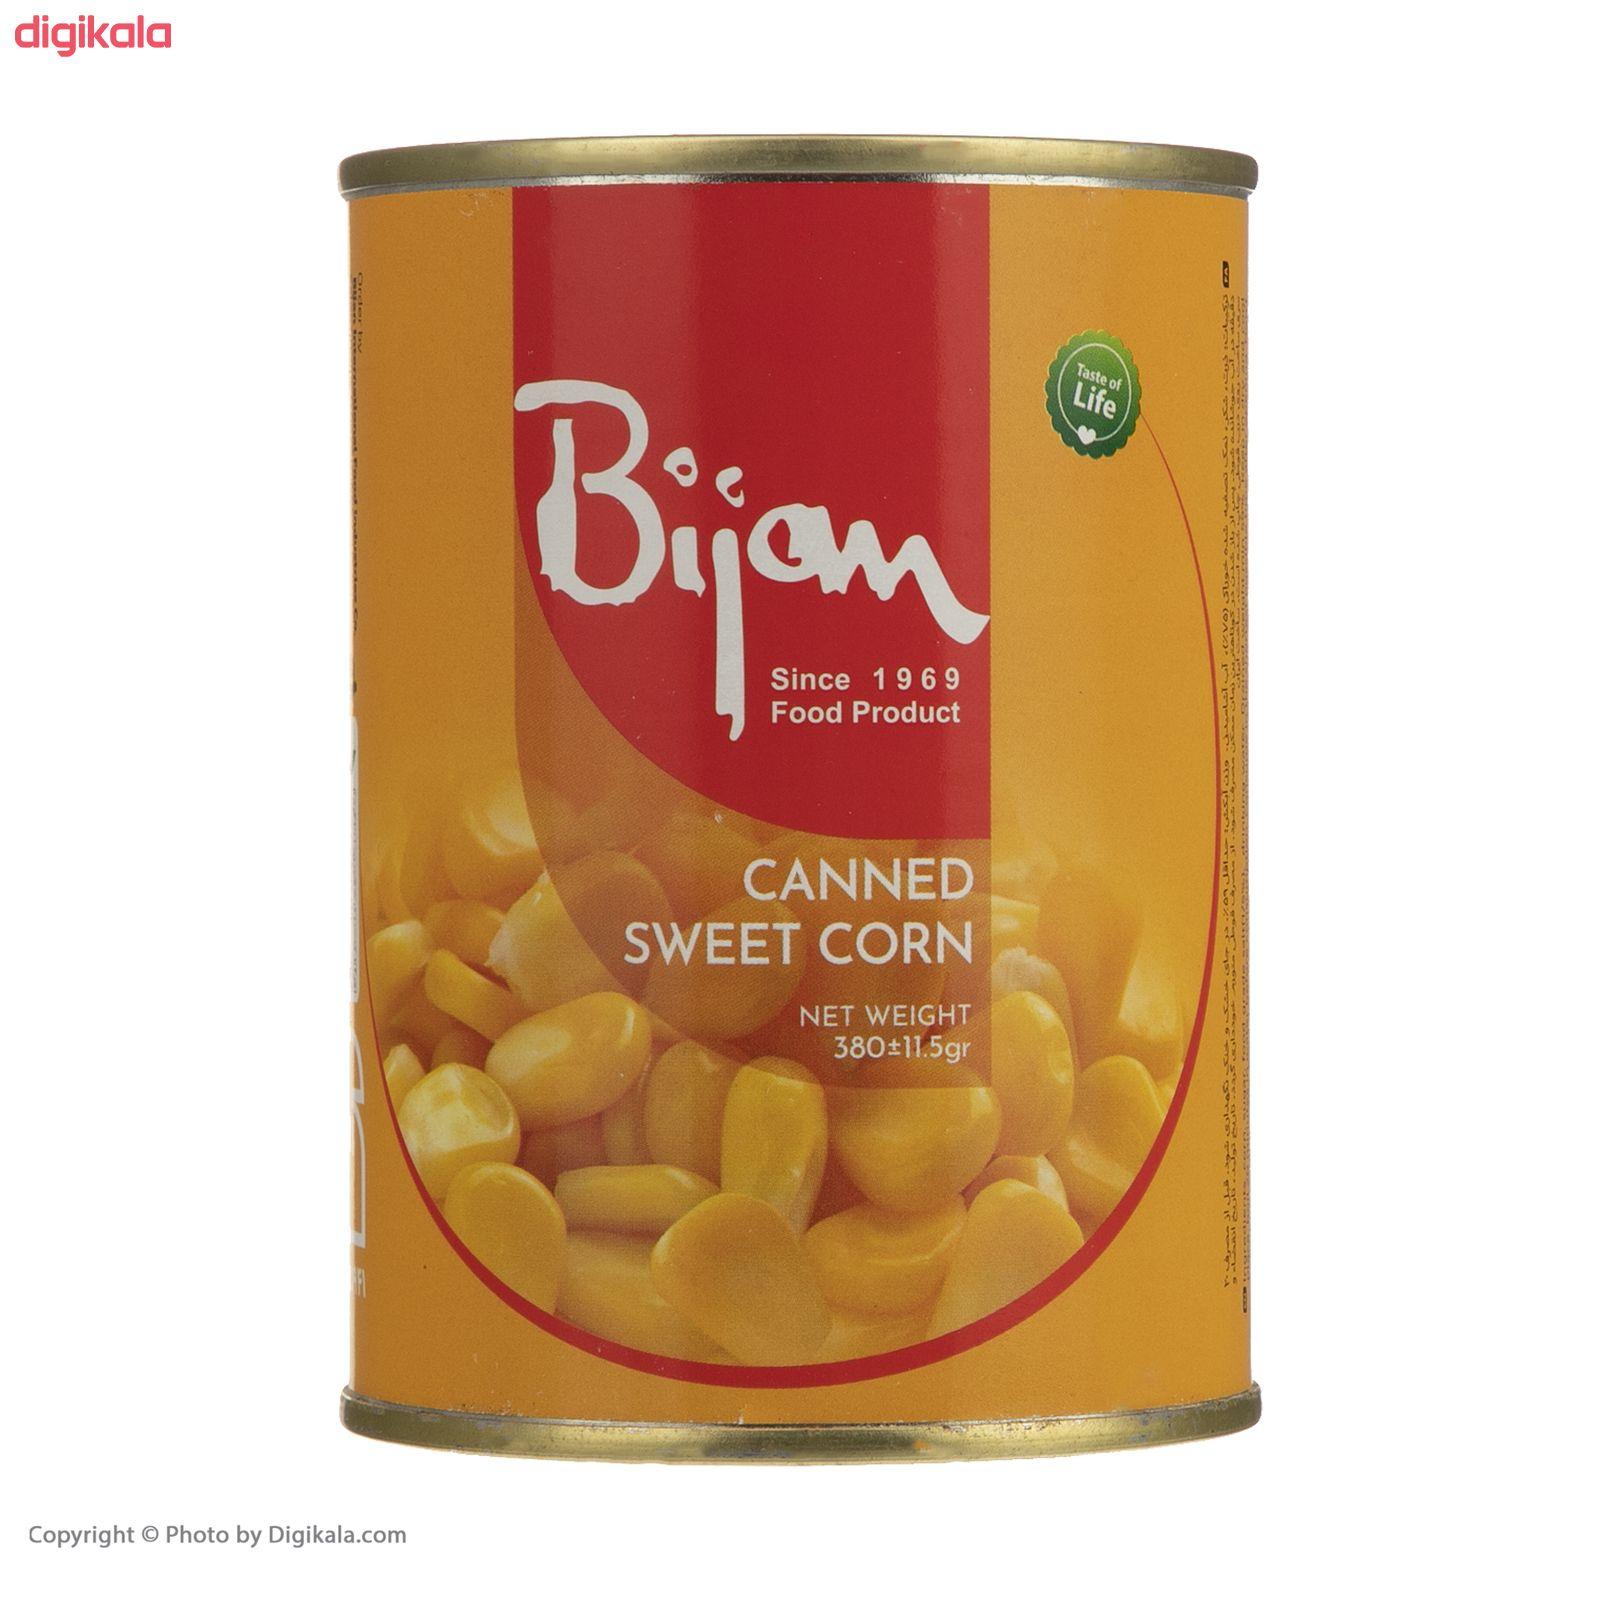 کنسرو ذرت شیرین بیژن - 380 گرم  main 1 2